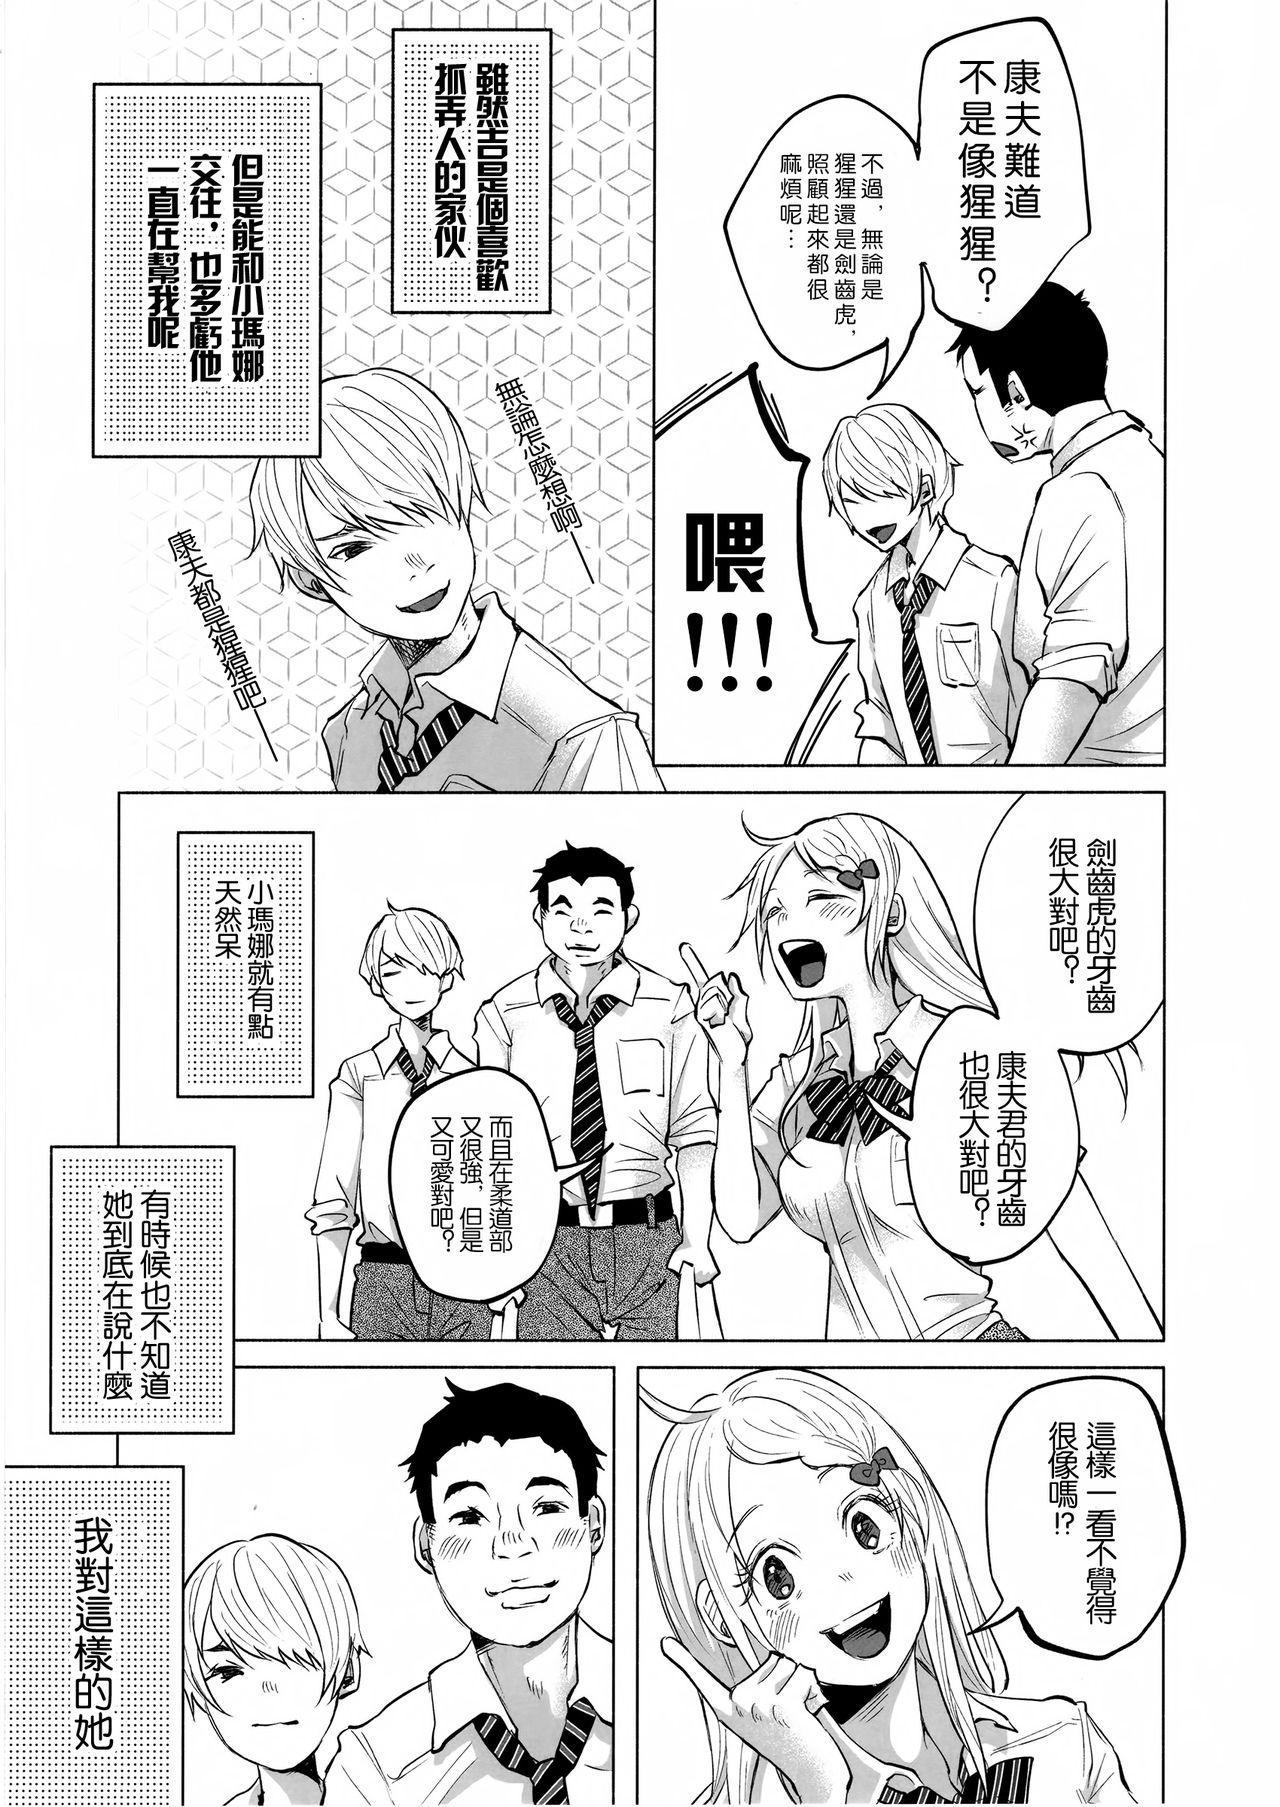 Koi Monogatari 4